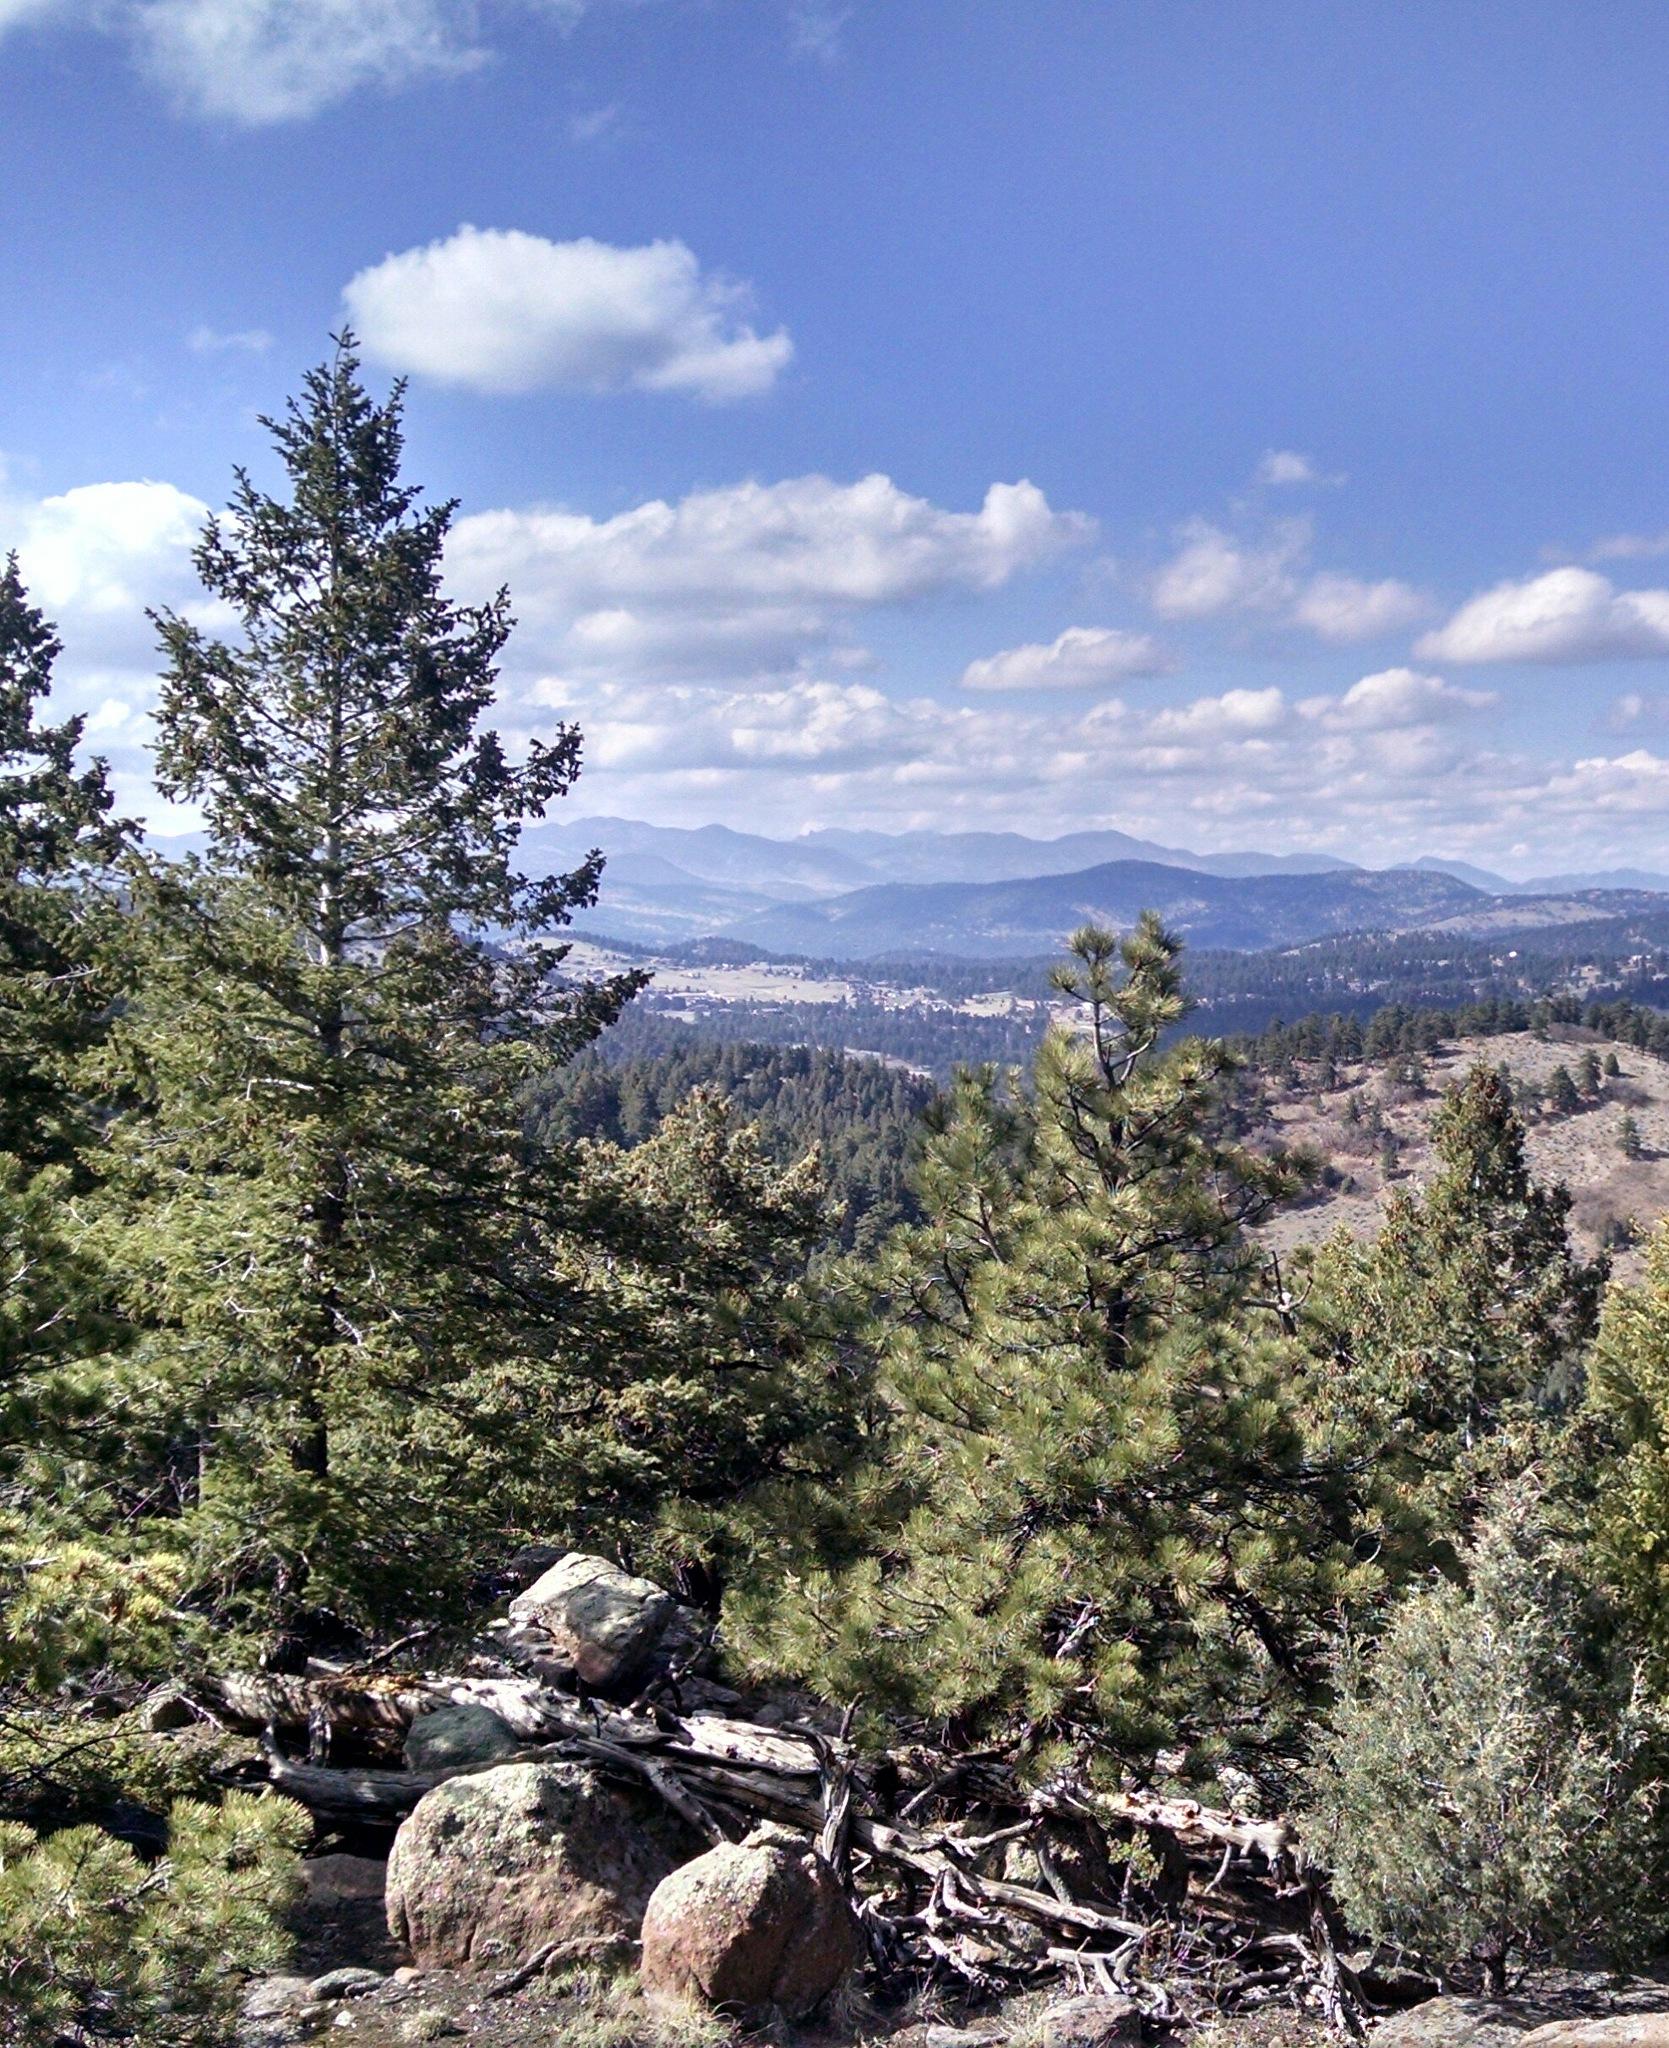 Mountain view North by Dan Gaiser